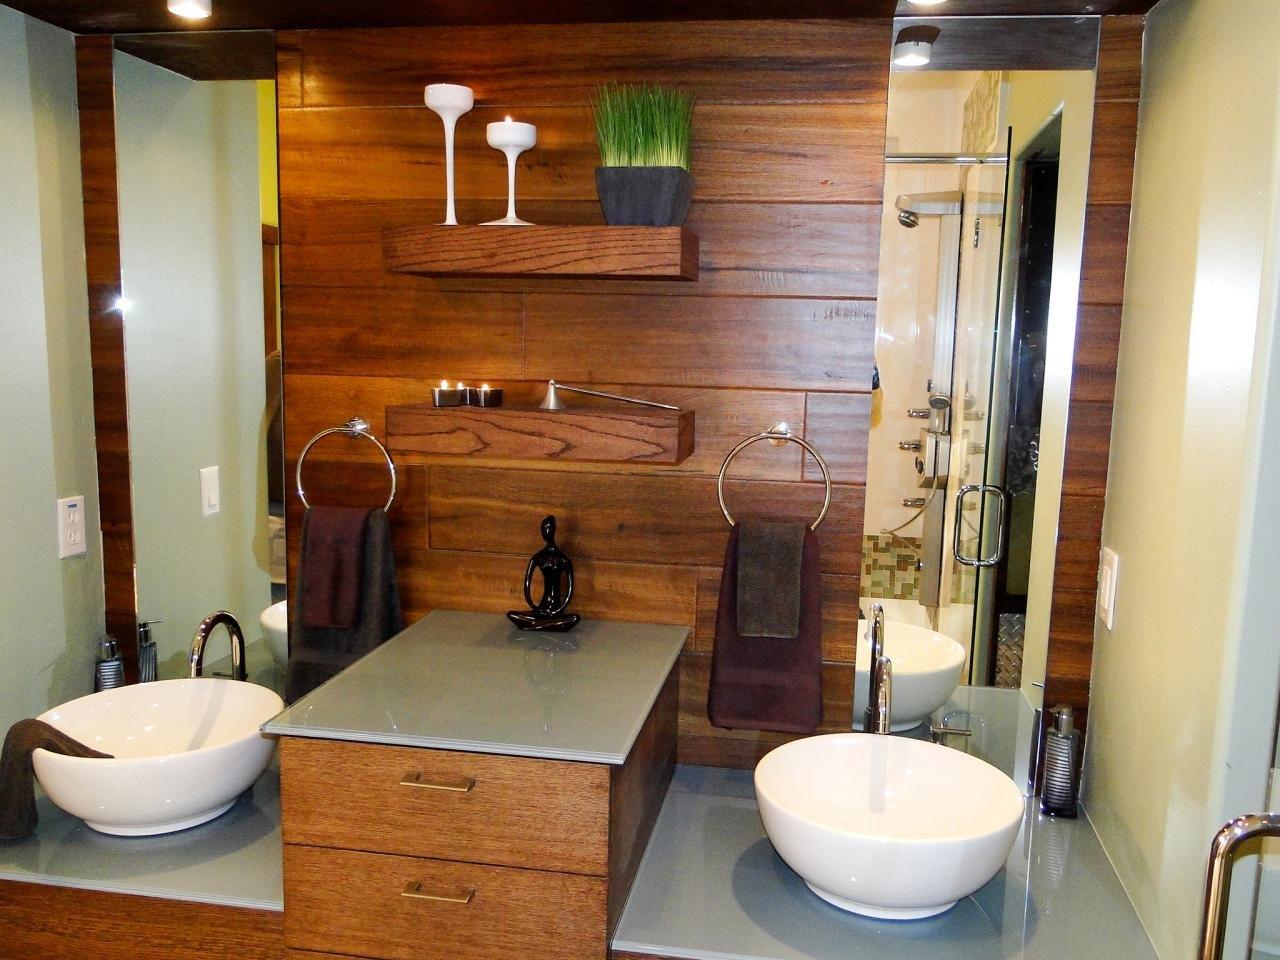 Floor and Decor Bathroom Vanities Best Of Luxury Bathroom Vanities Bathroom Design Choose Floor Plan & Bath Remodeling Materials